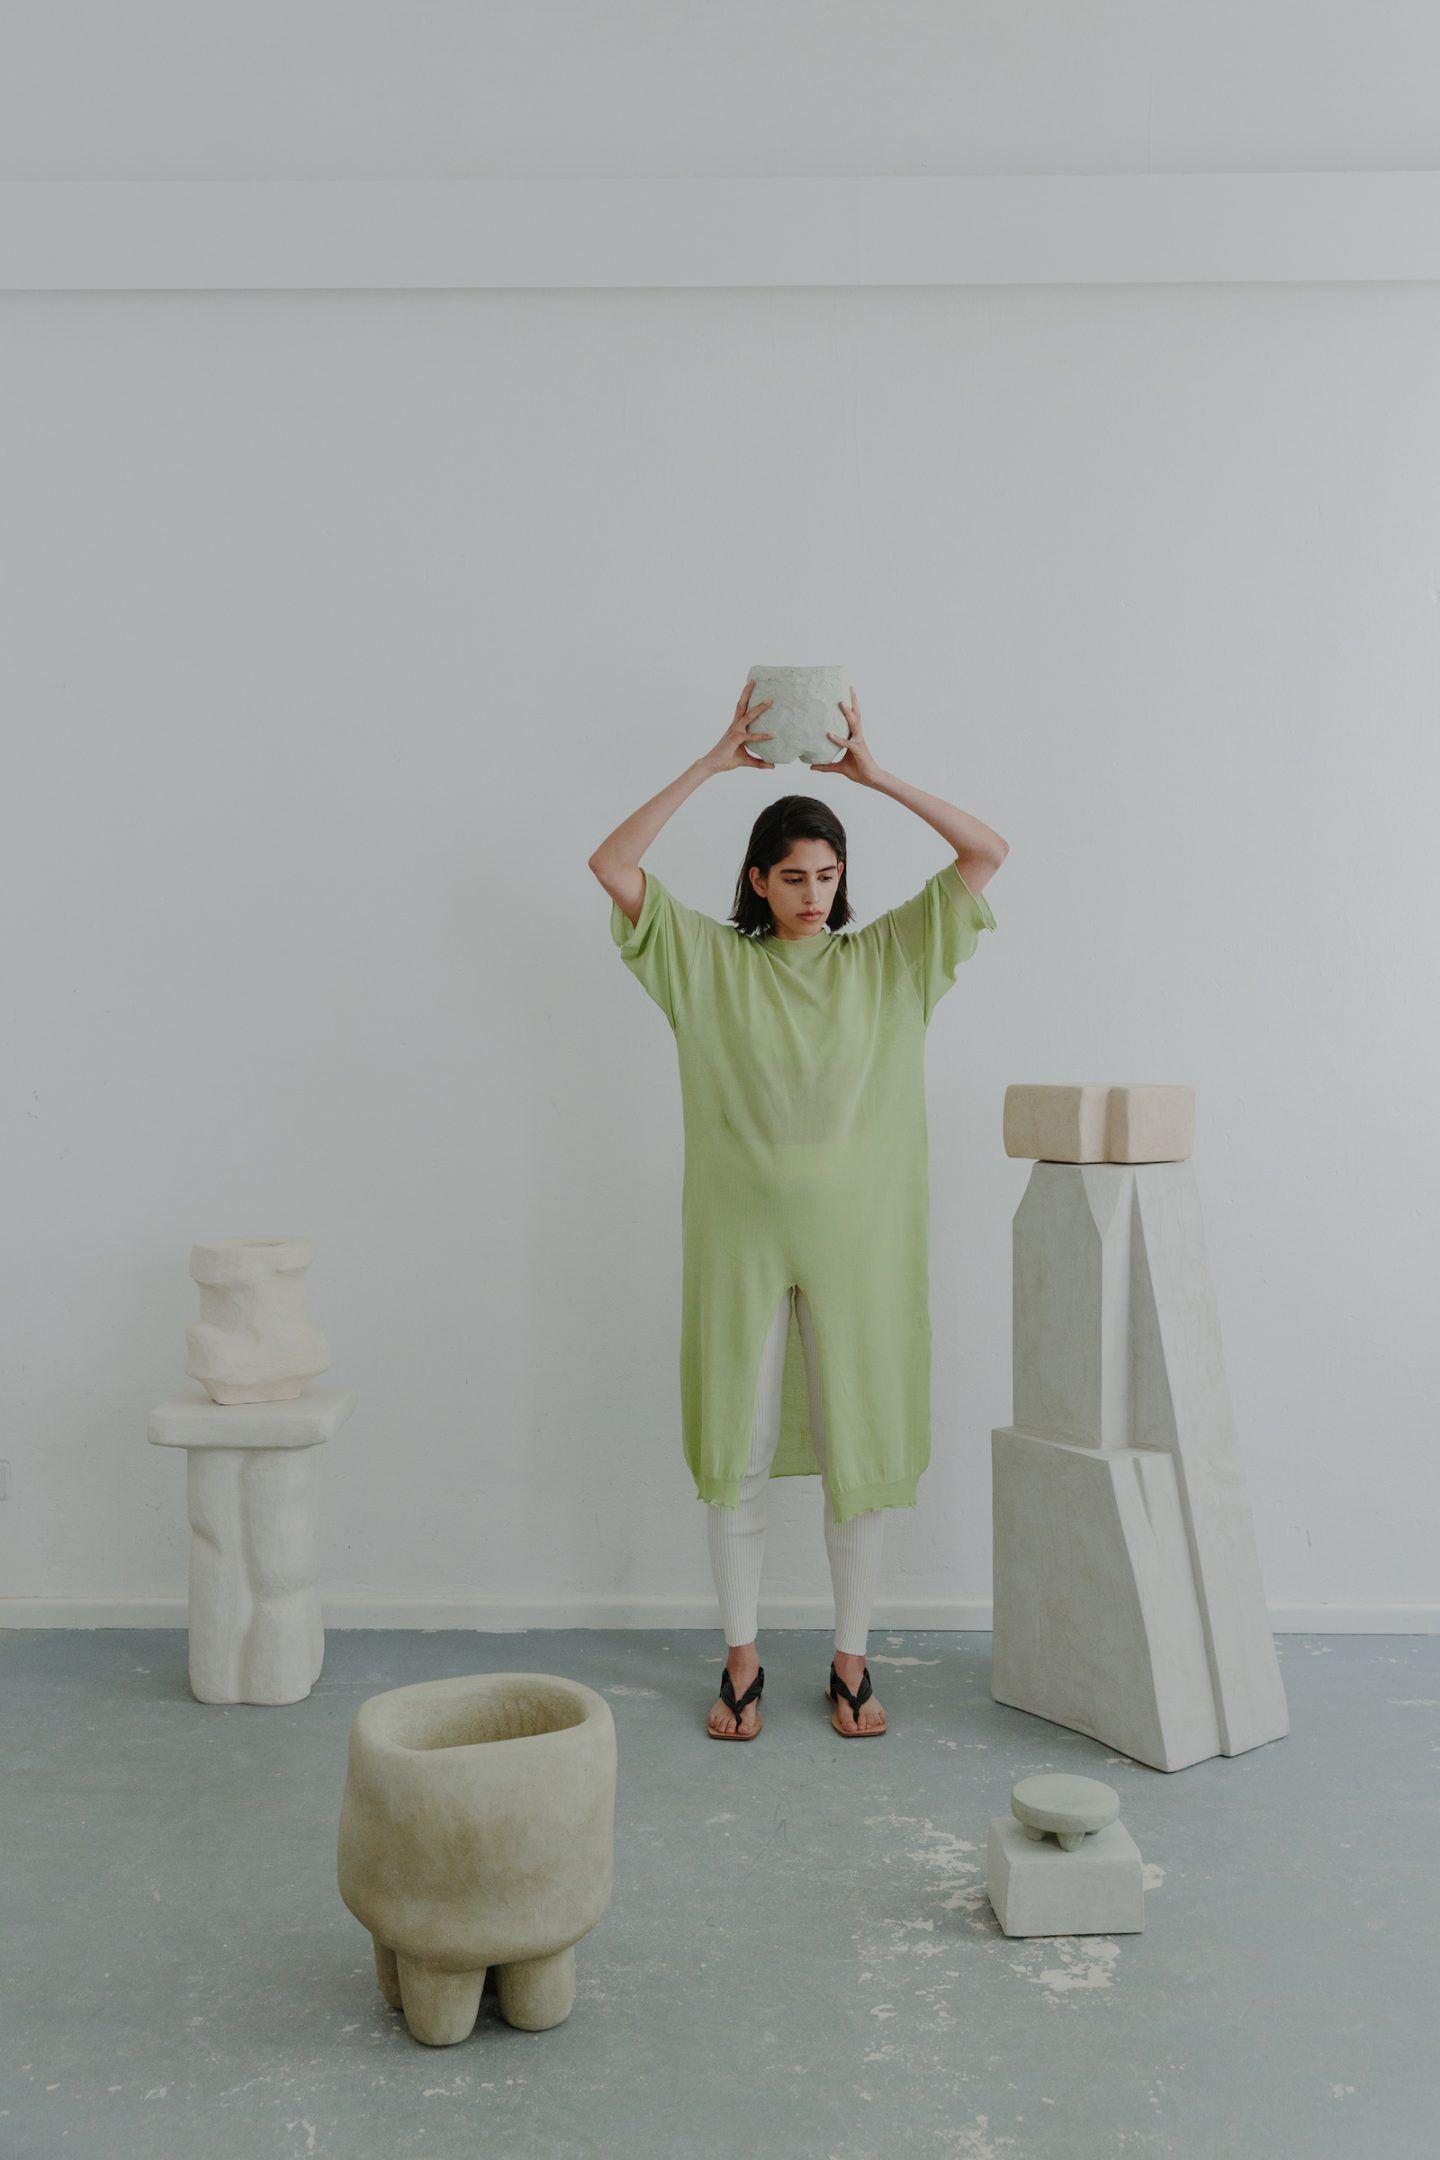 IGNANT-Design-Rus-Editorial-Marina-Denisova-06